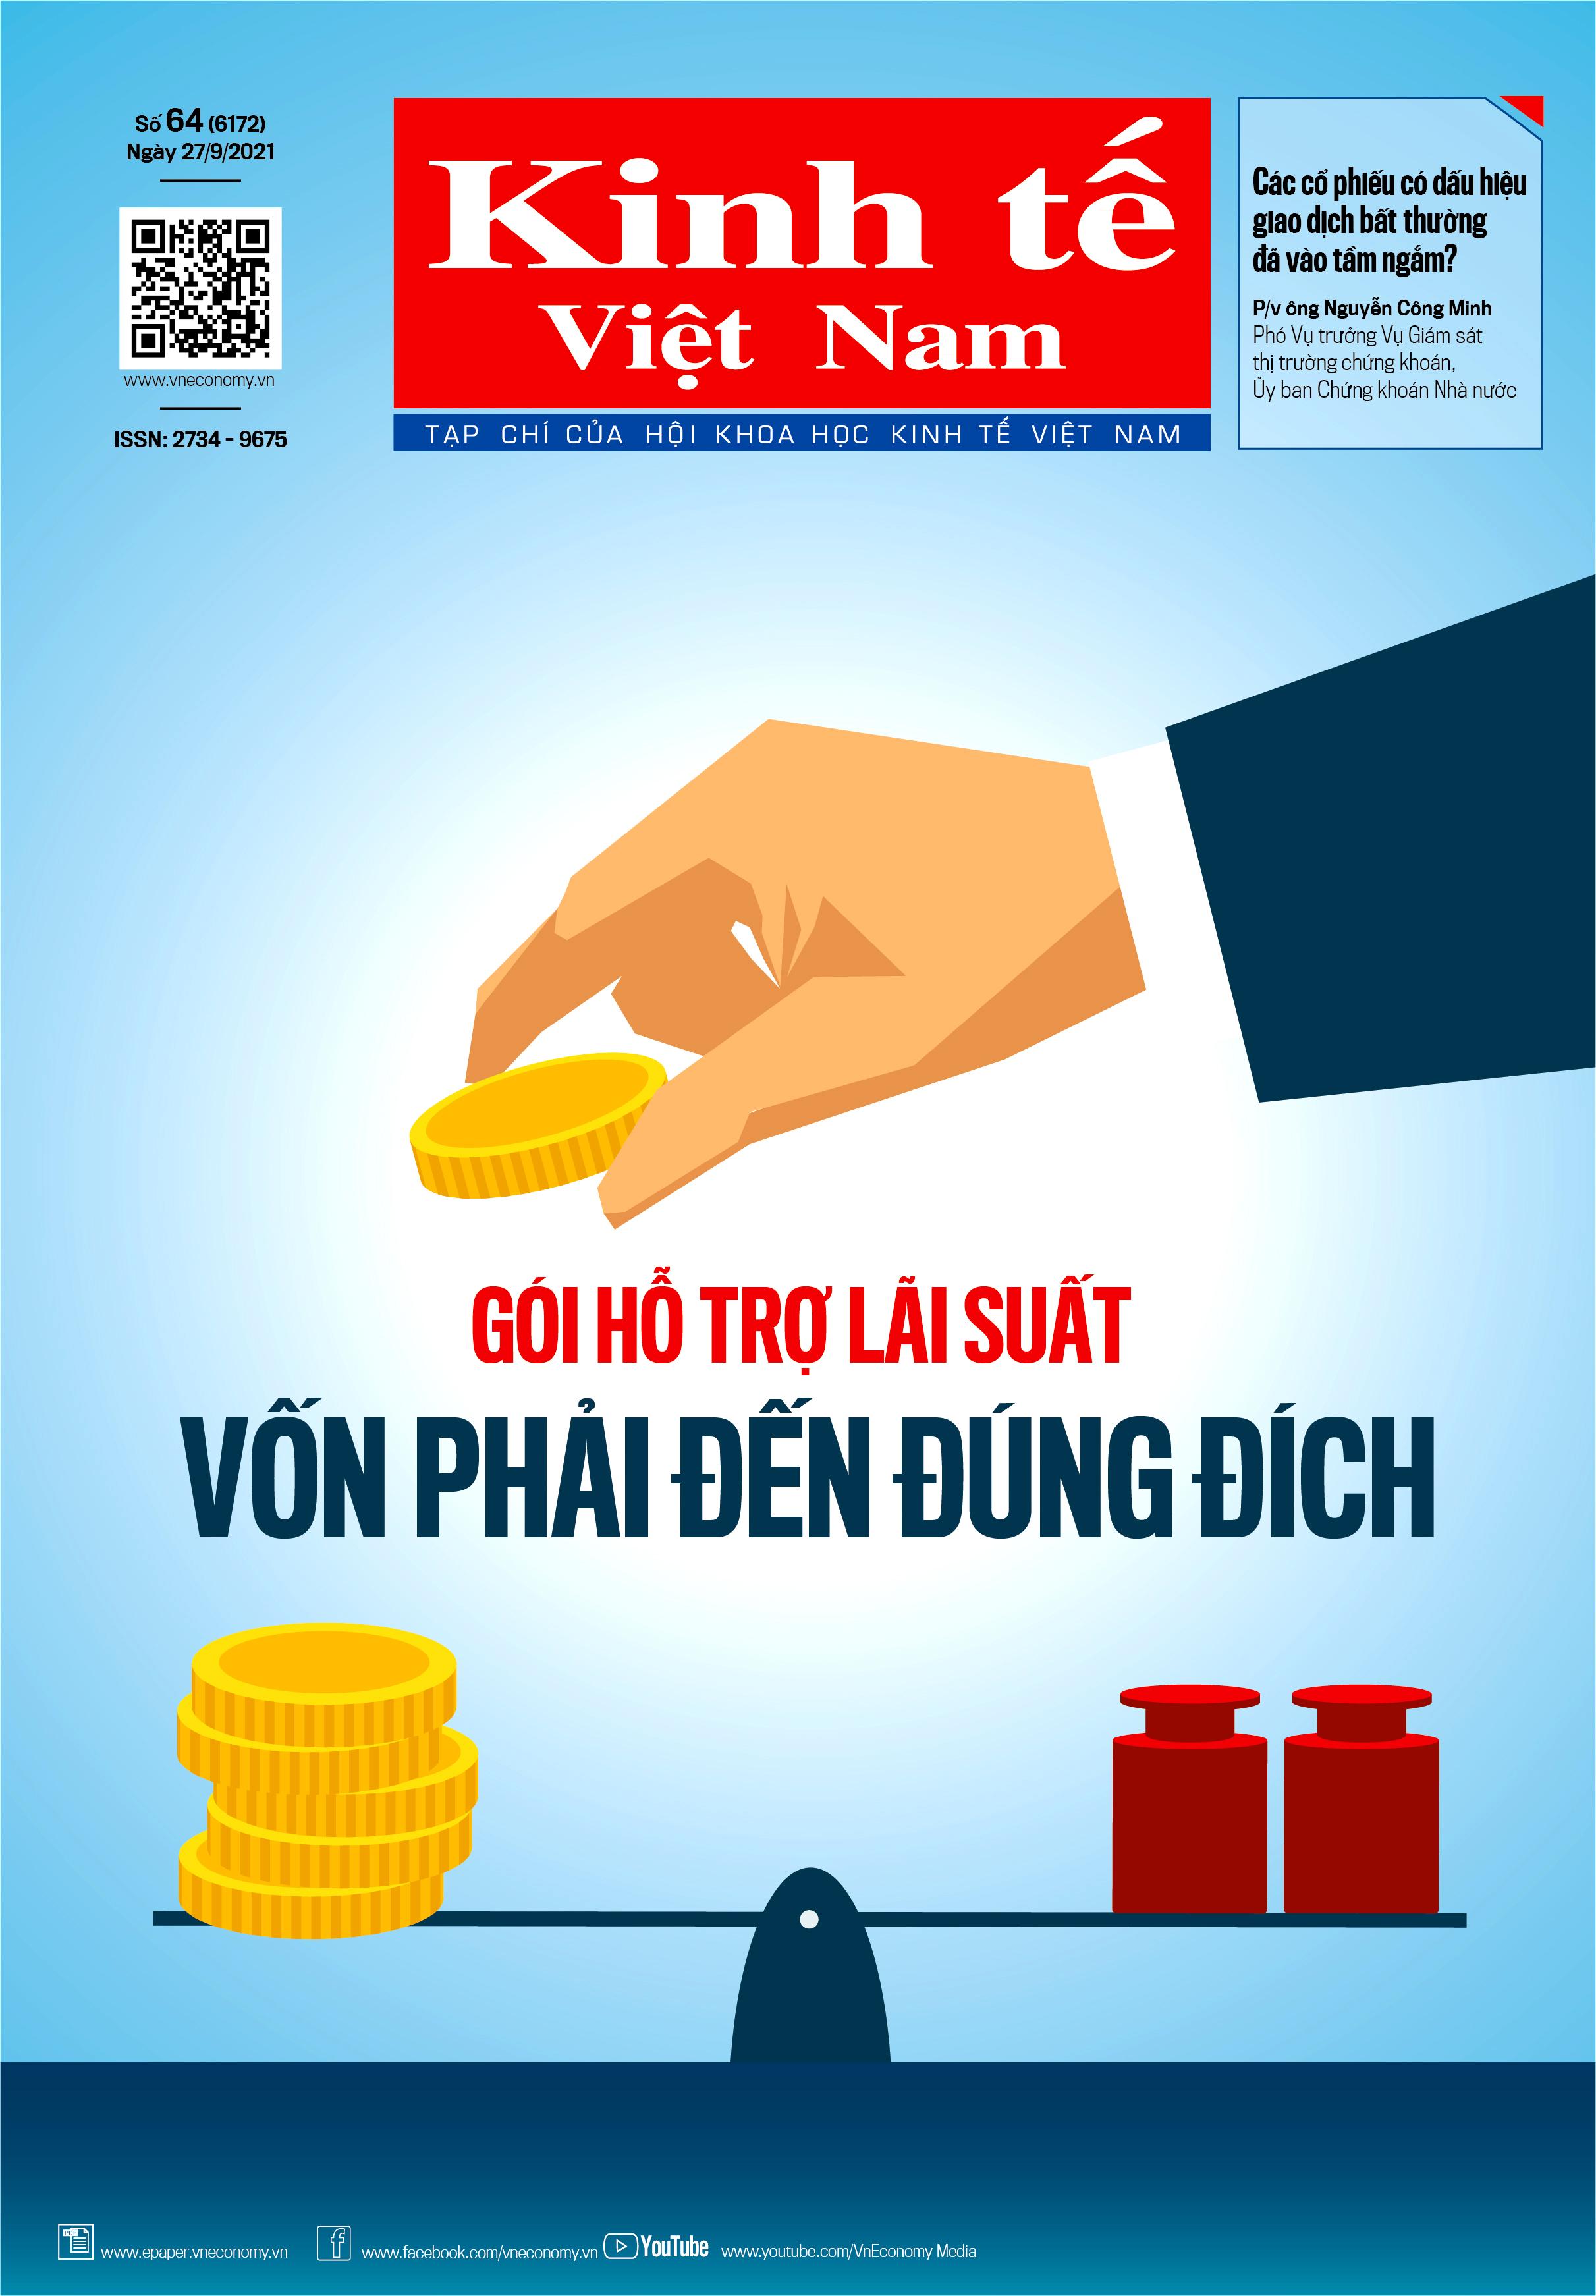 Tạp chí Kinh tế Việt Nam số 64-2021